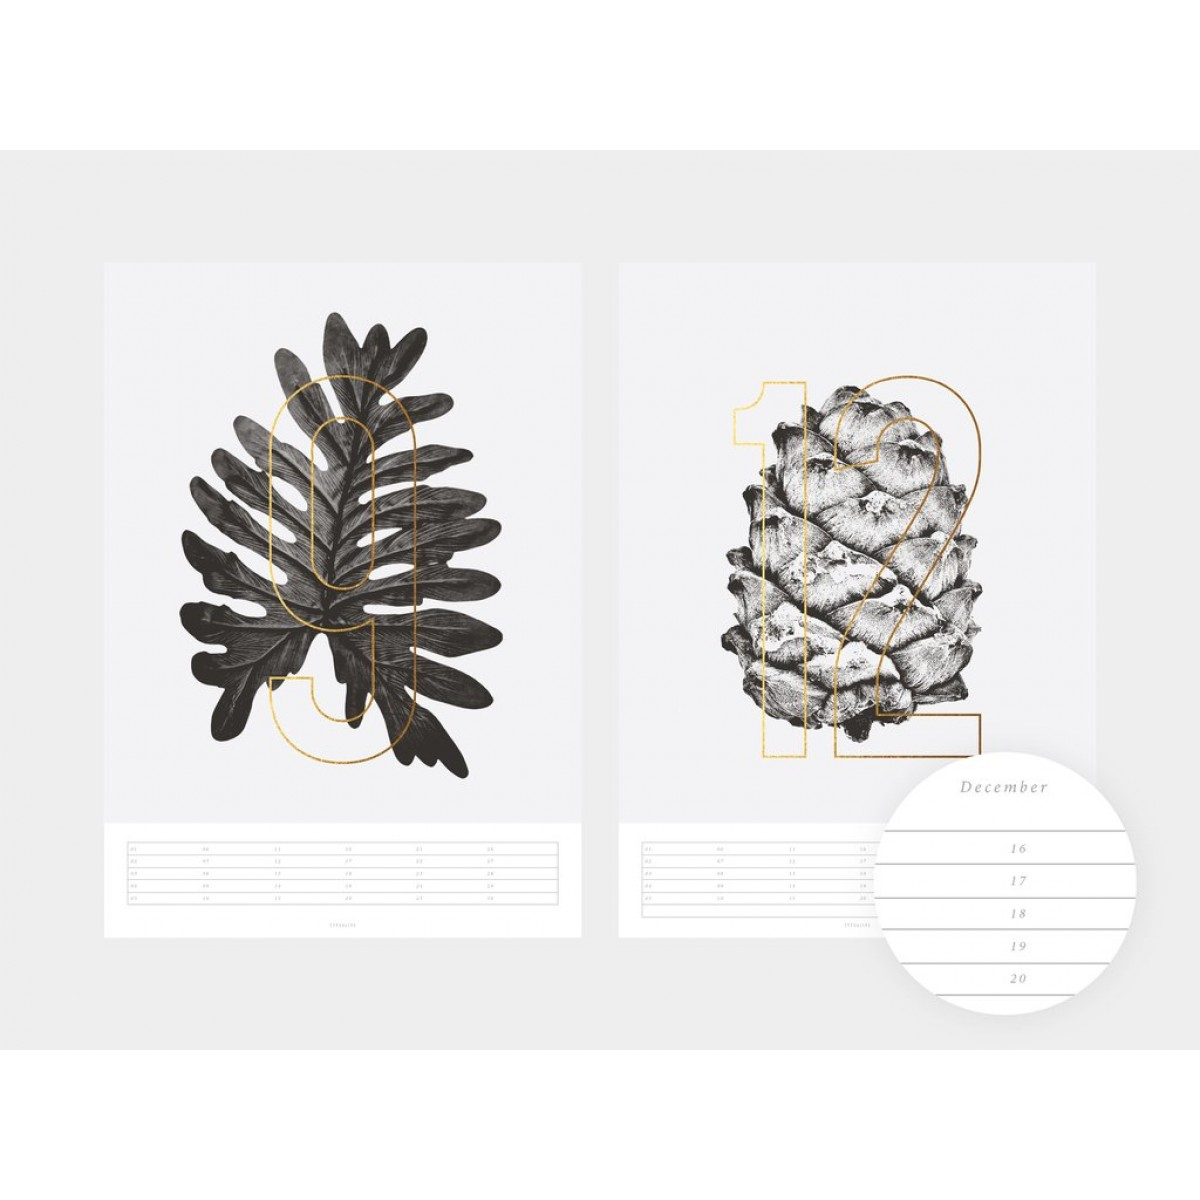 typealive / Wandkalender / Plants 2020